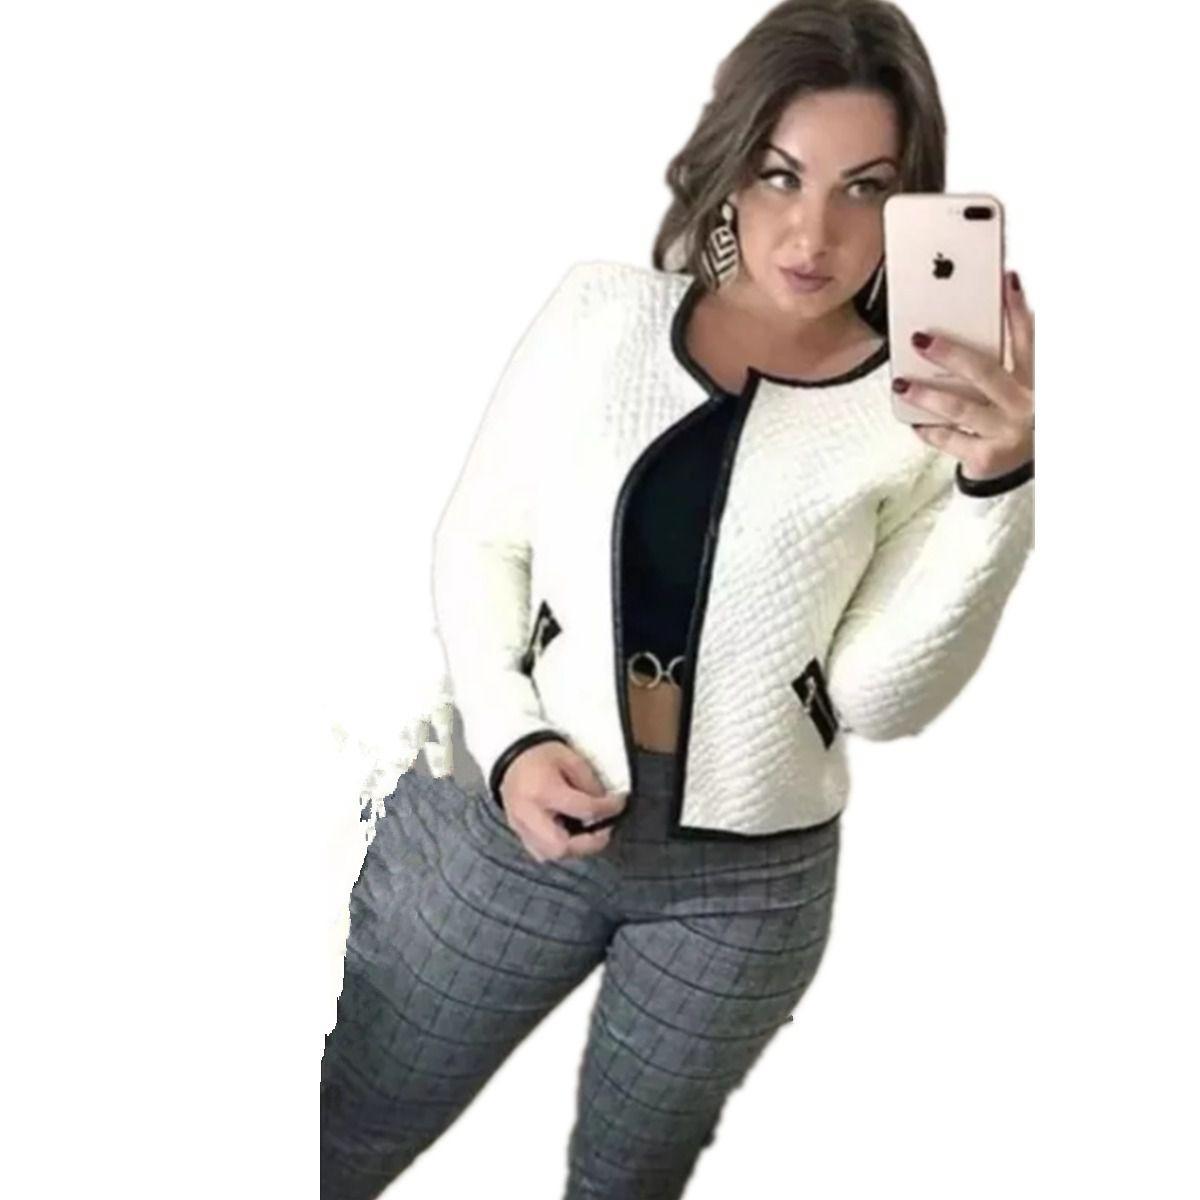 e02c313a28 blazer casaco feminino jaqueta manga longa inverno blusas. Carregando zoom.